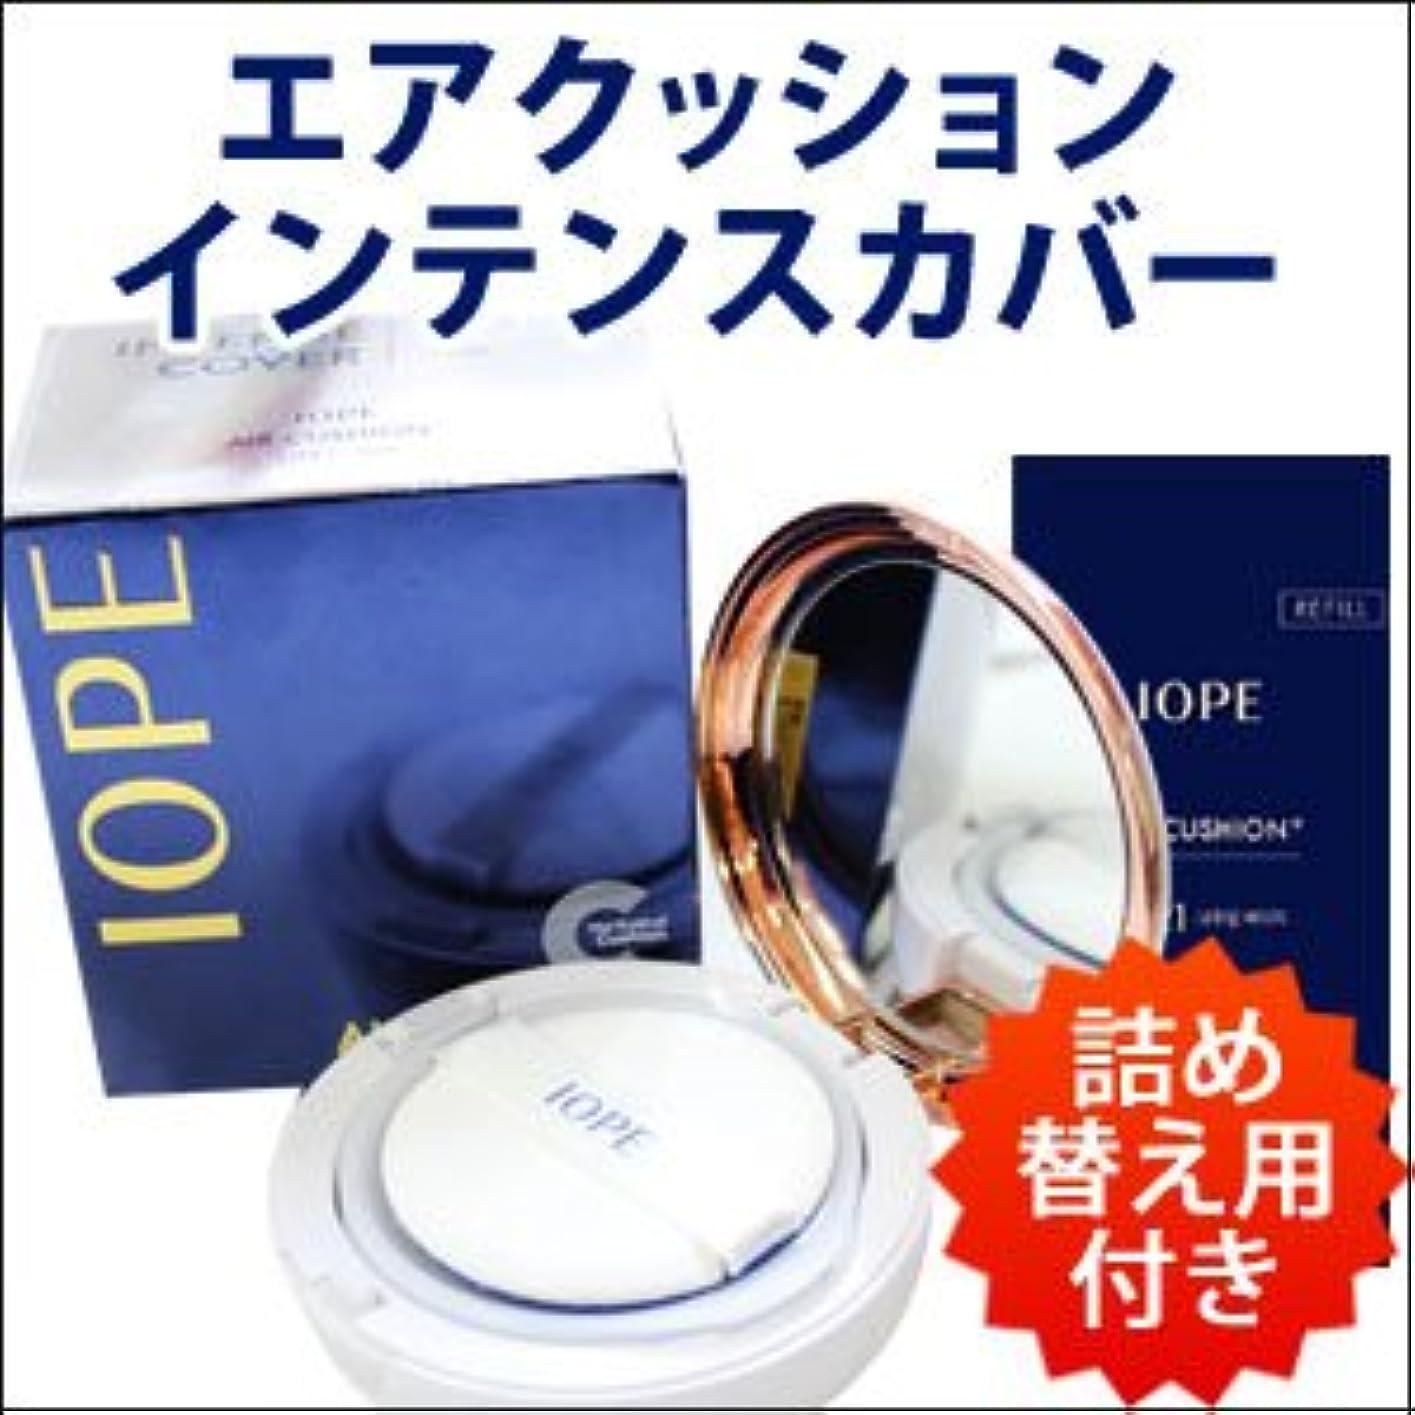 ポータル市民ロバIOPE アイオペ エアクッション インテンス カバー SPF50/PA+++ 詰め替え用付き